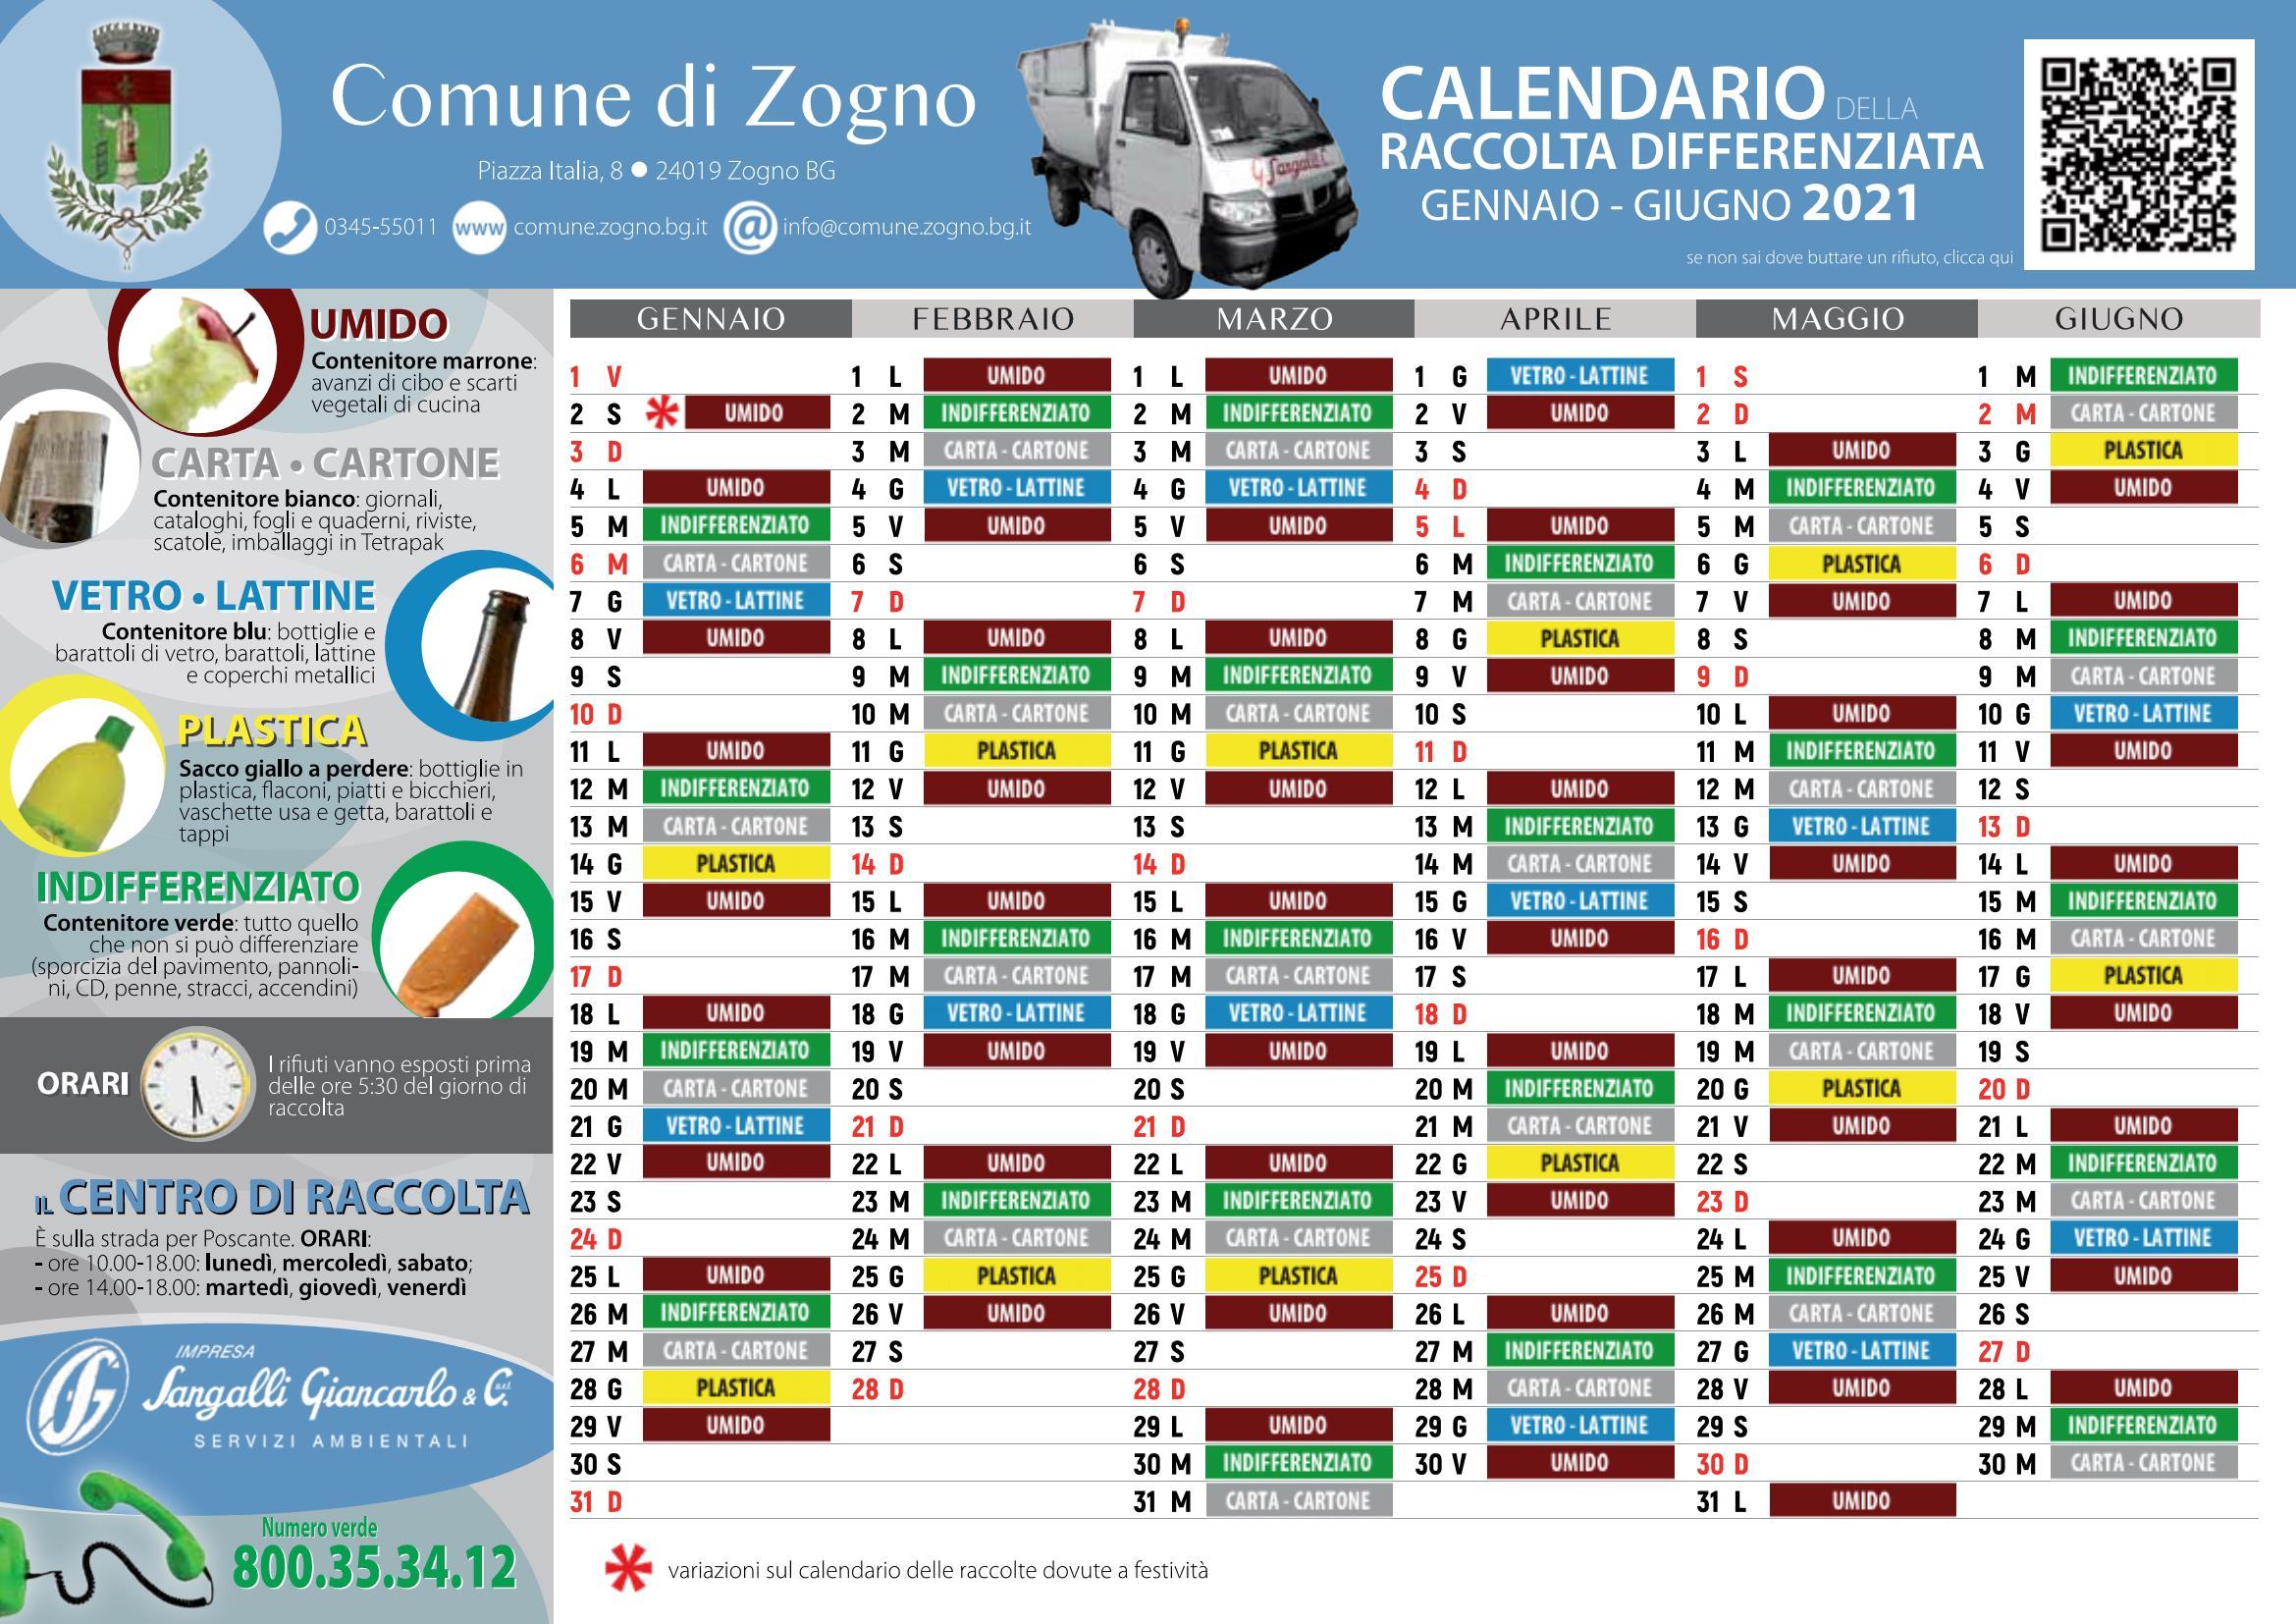 Comune di Zogno: Calendario raccolta differenziata per l'anno 2021